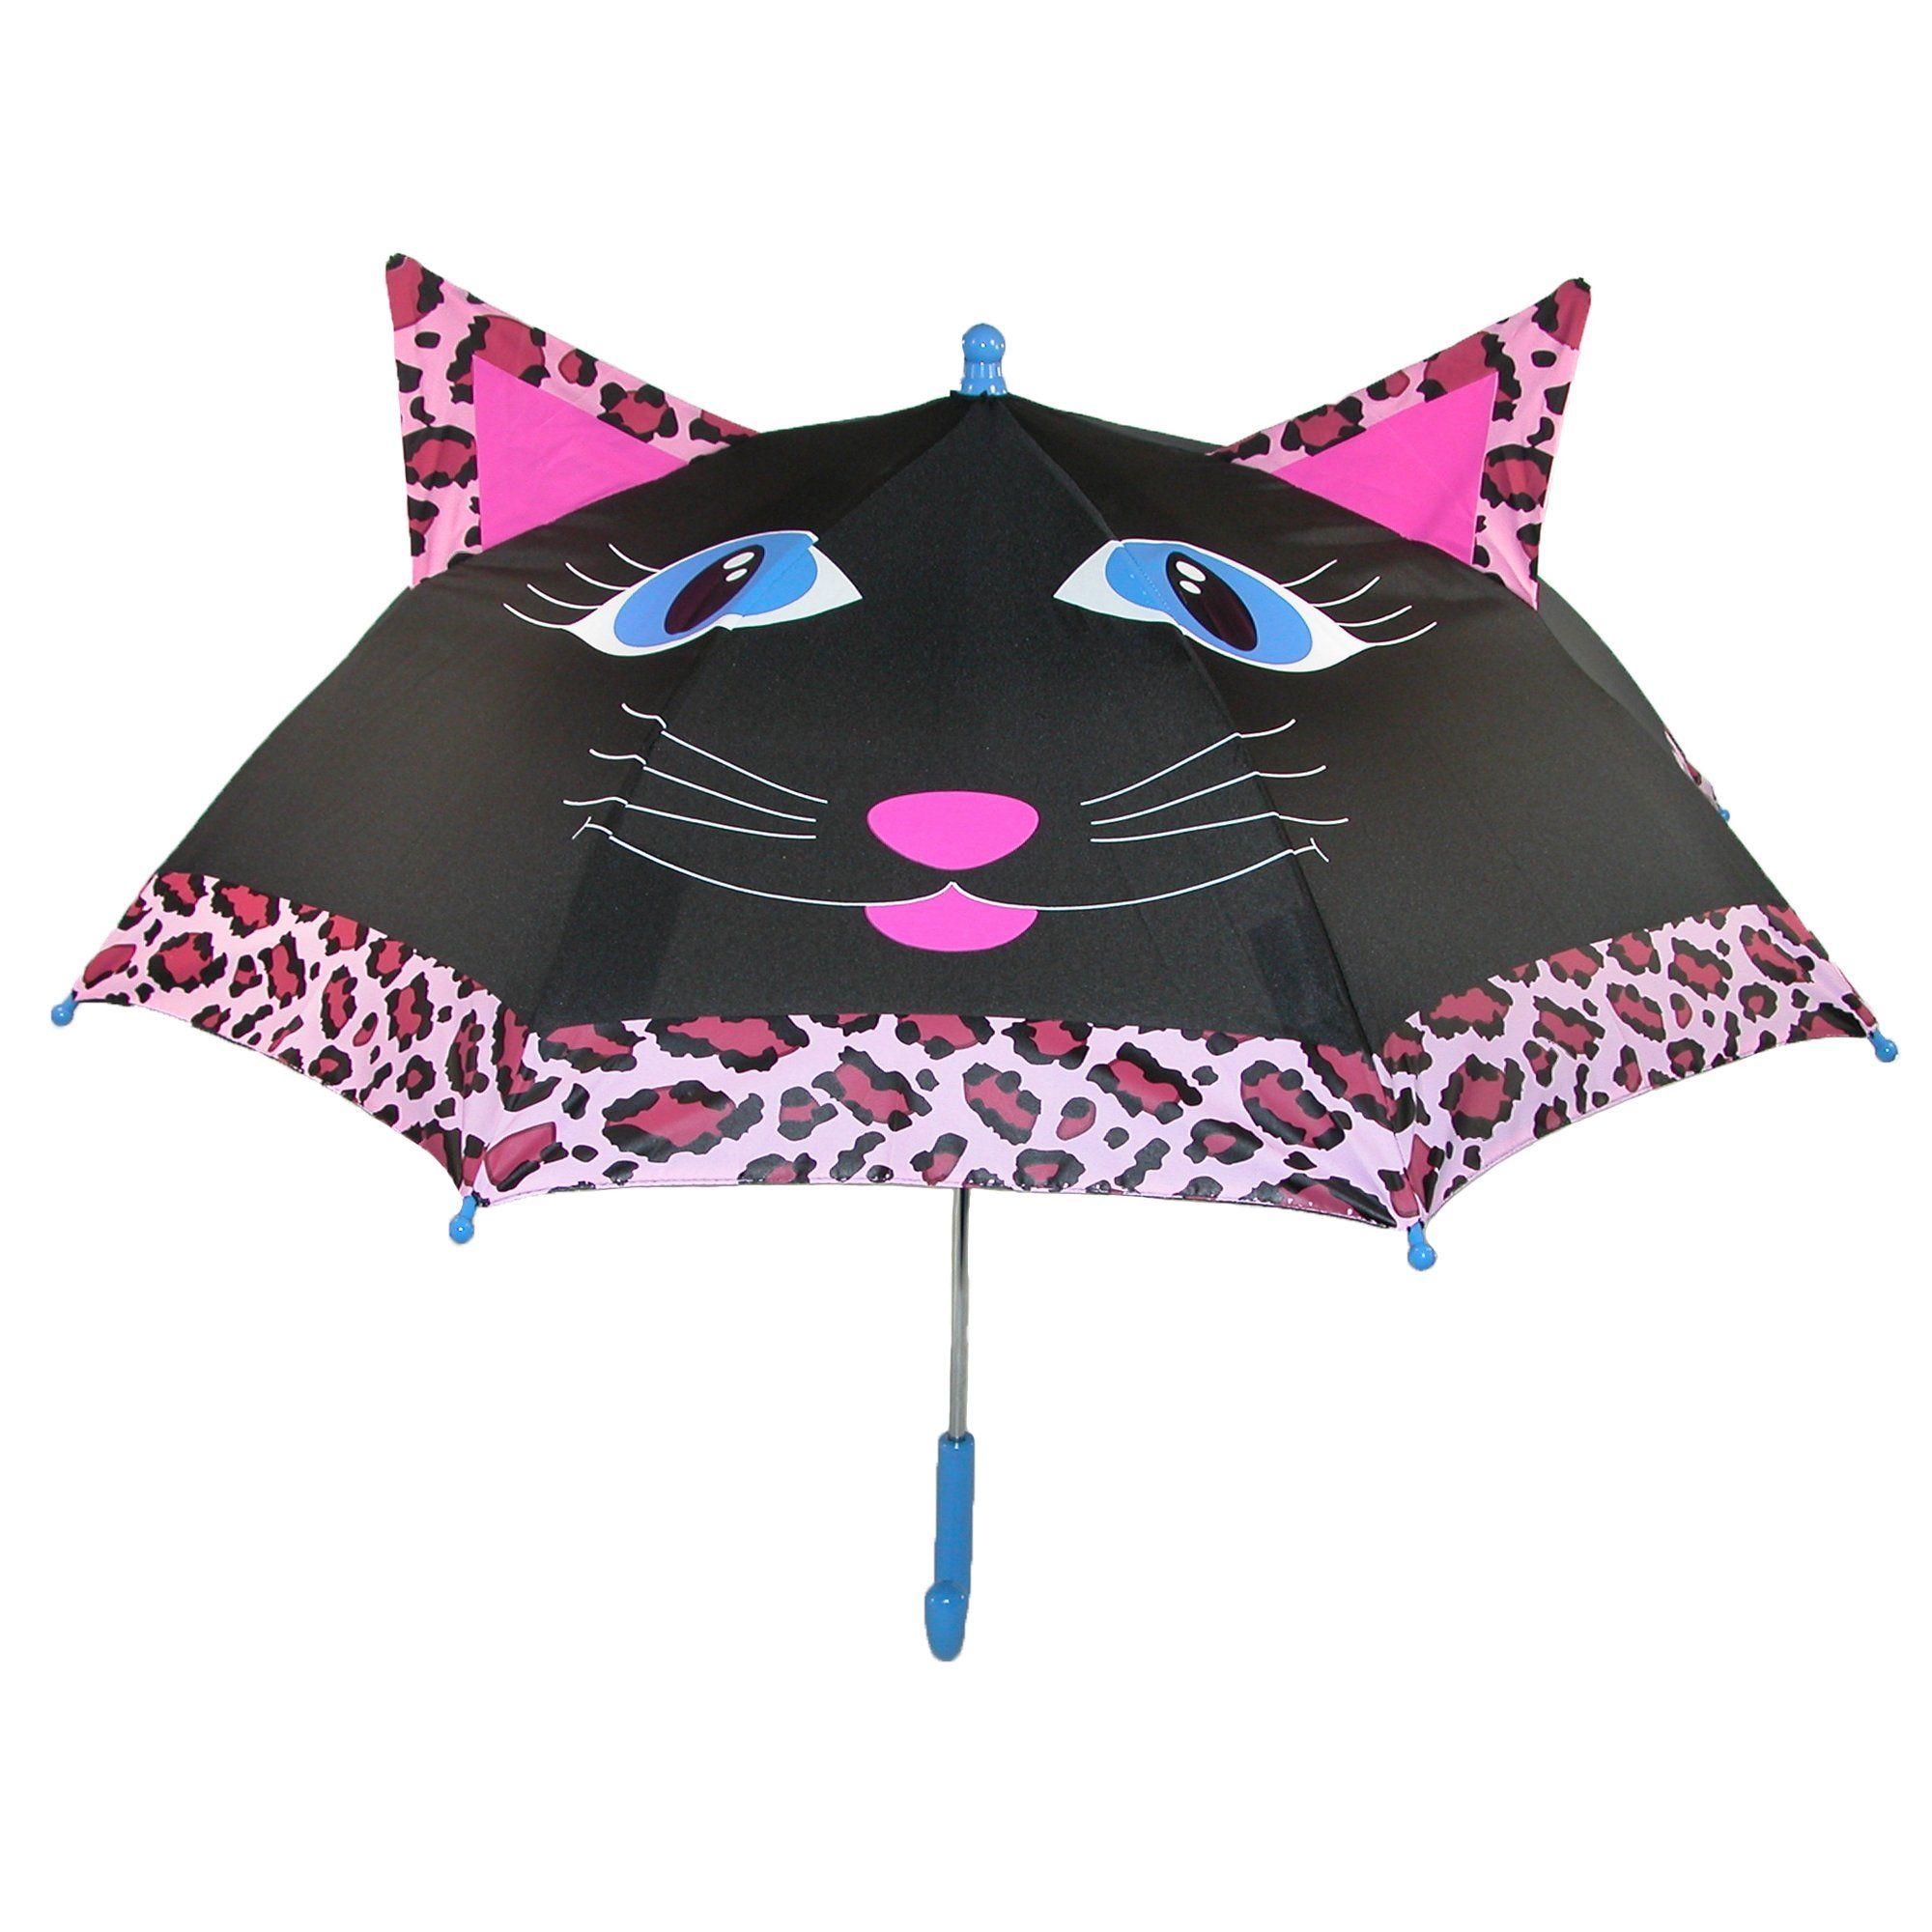 ShedRain Kids' Cat Character Stick Umbrella